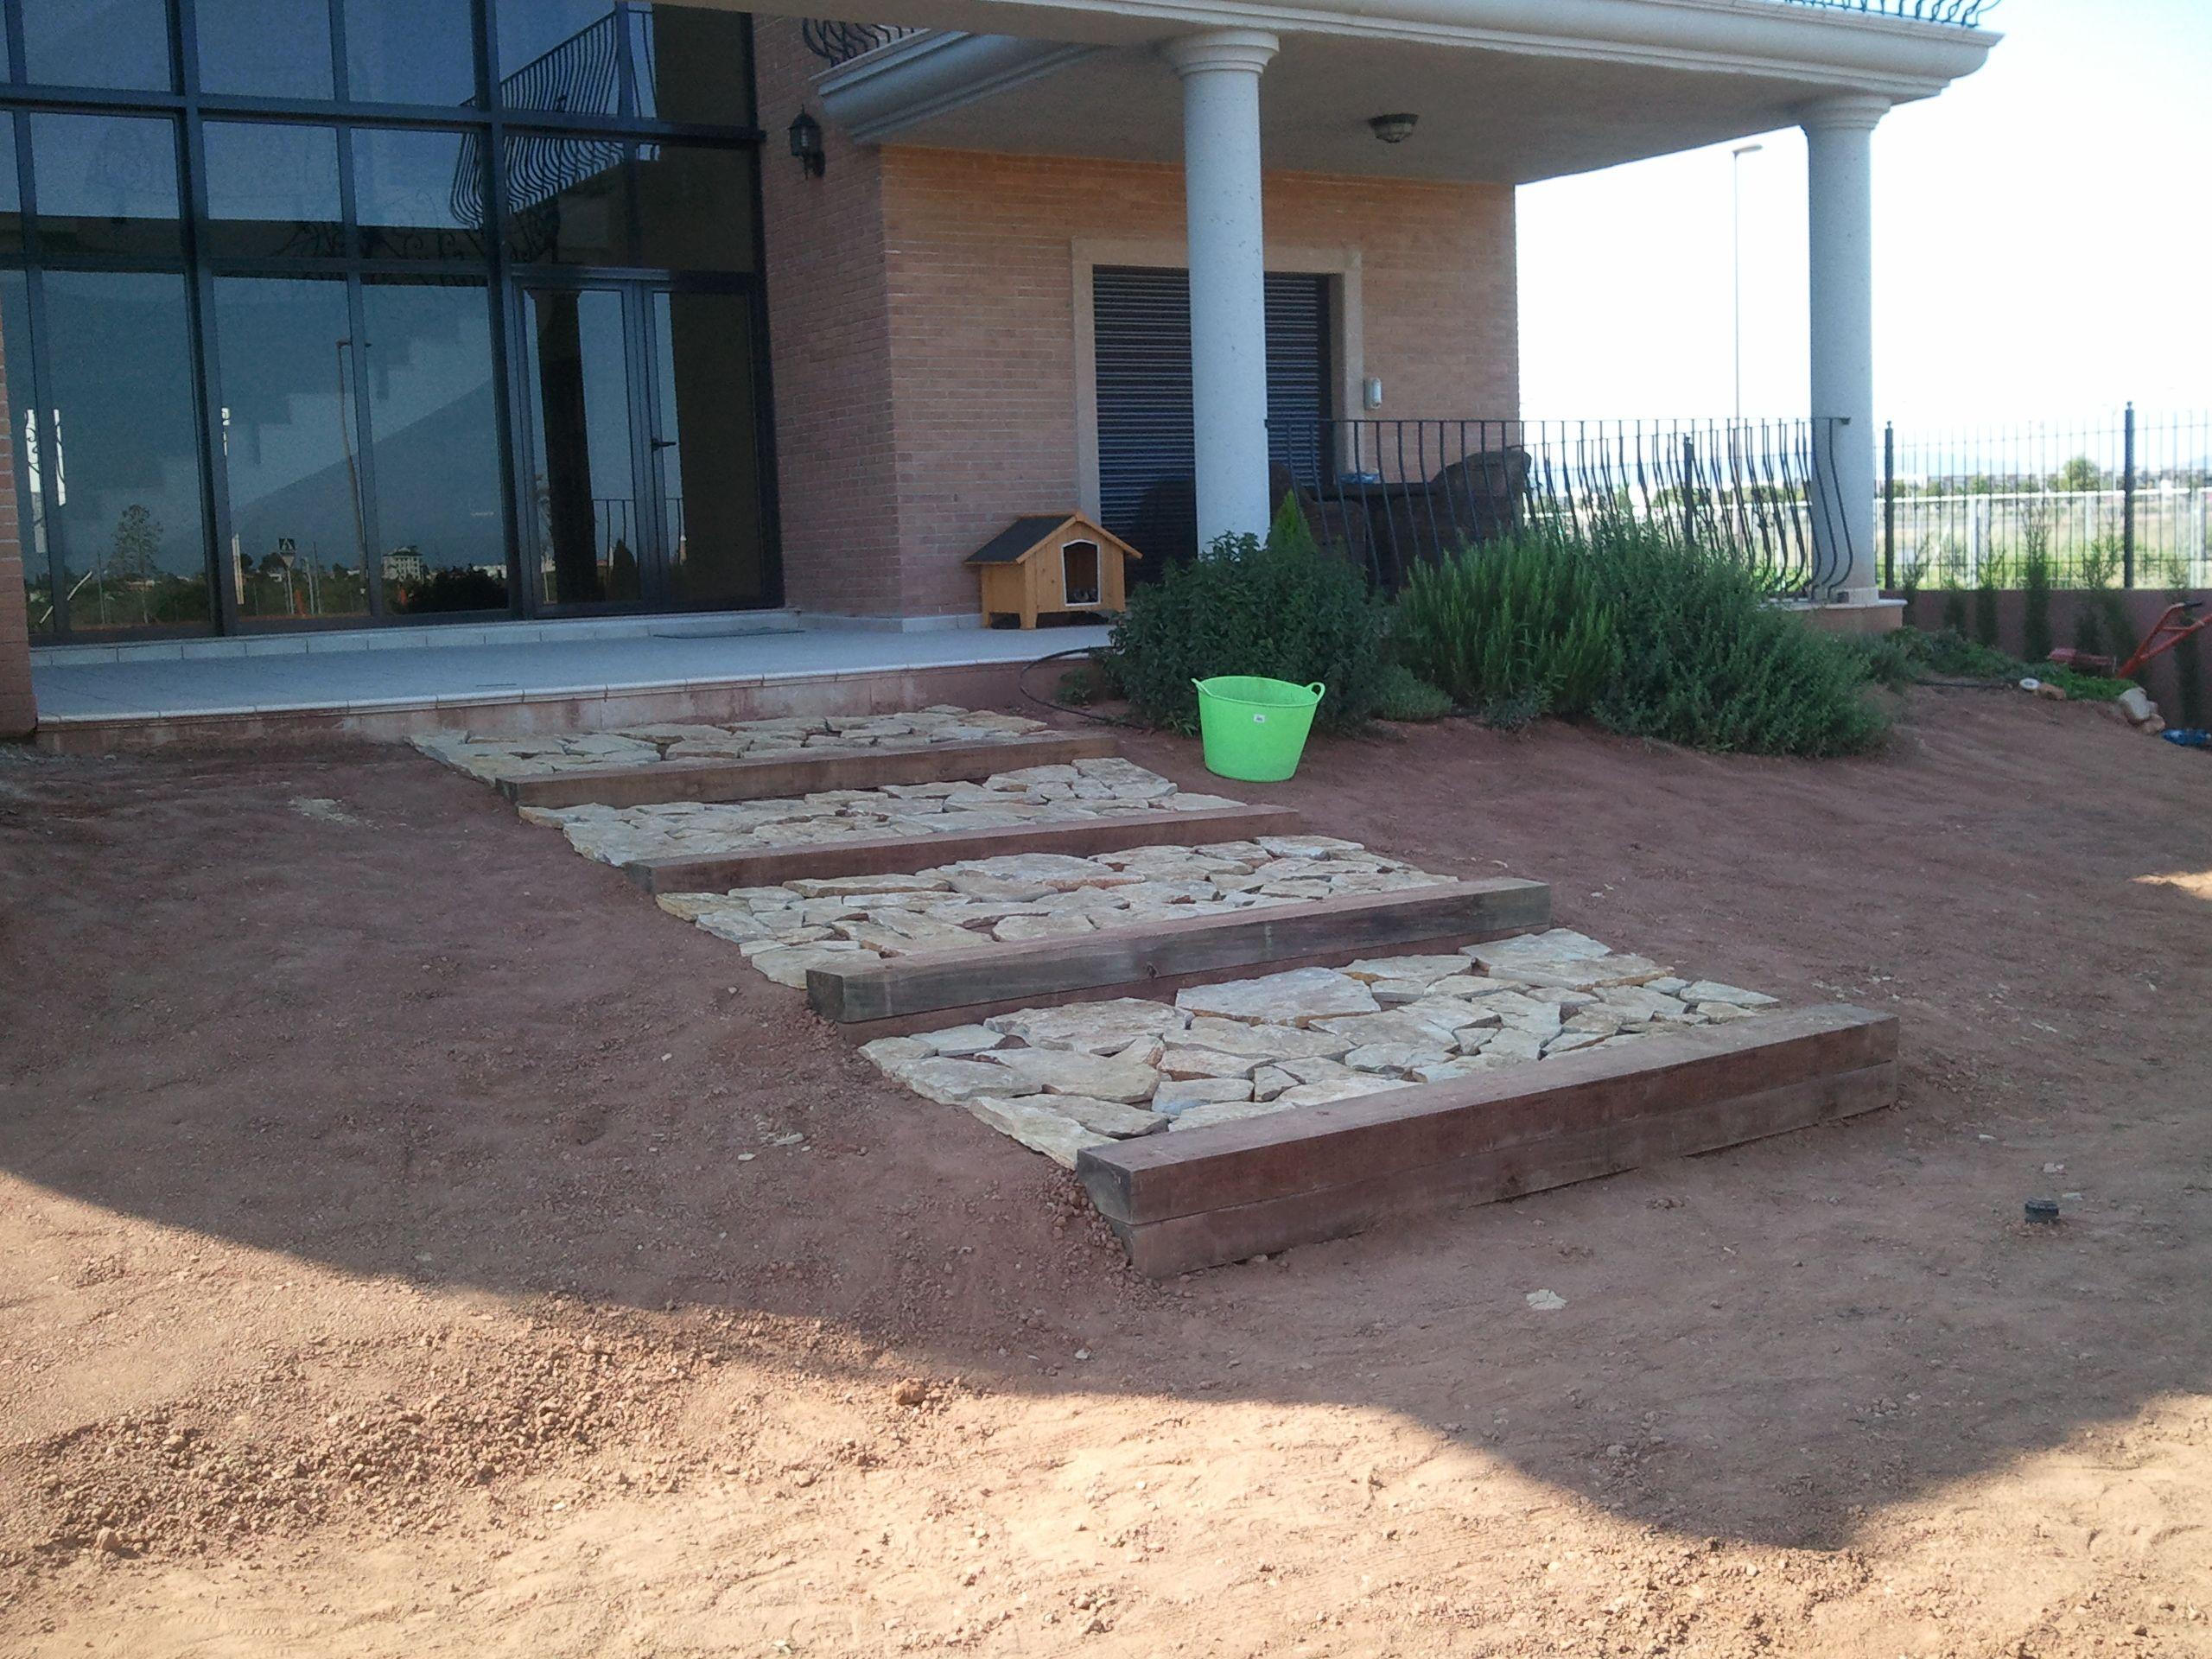 Fase 2 escalera de piedra jardines lessolaes http - Escaleras para jardin ...